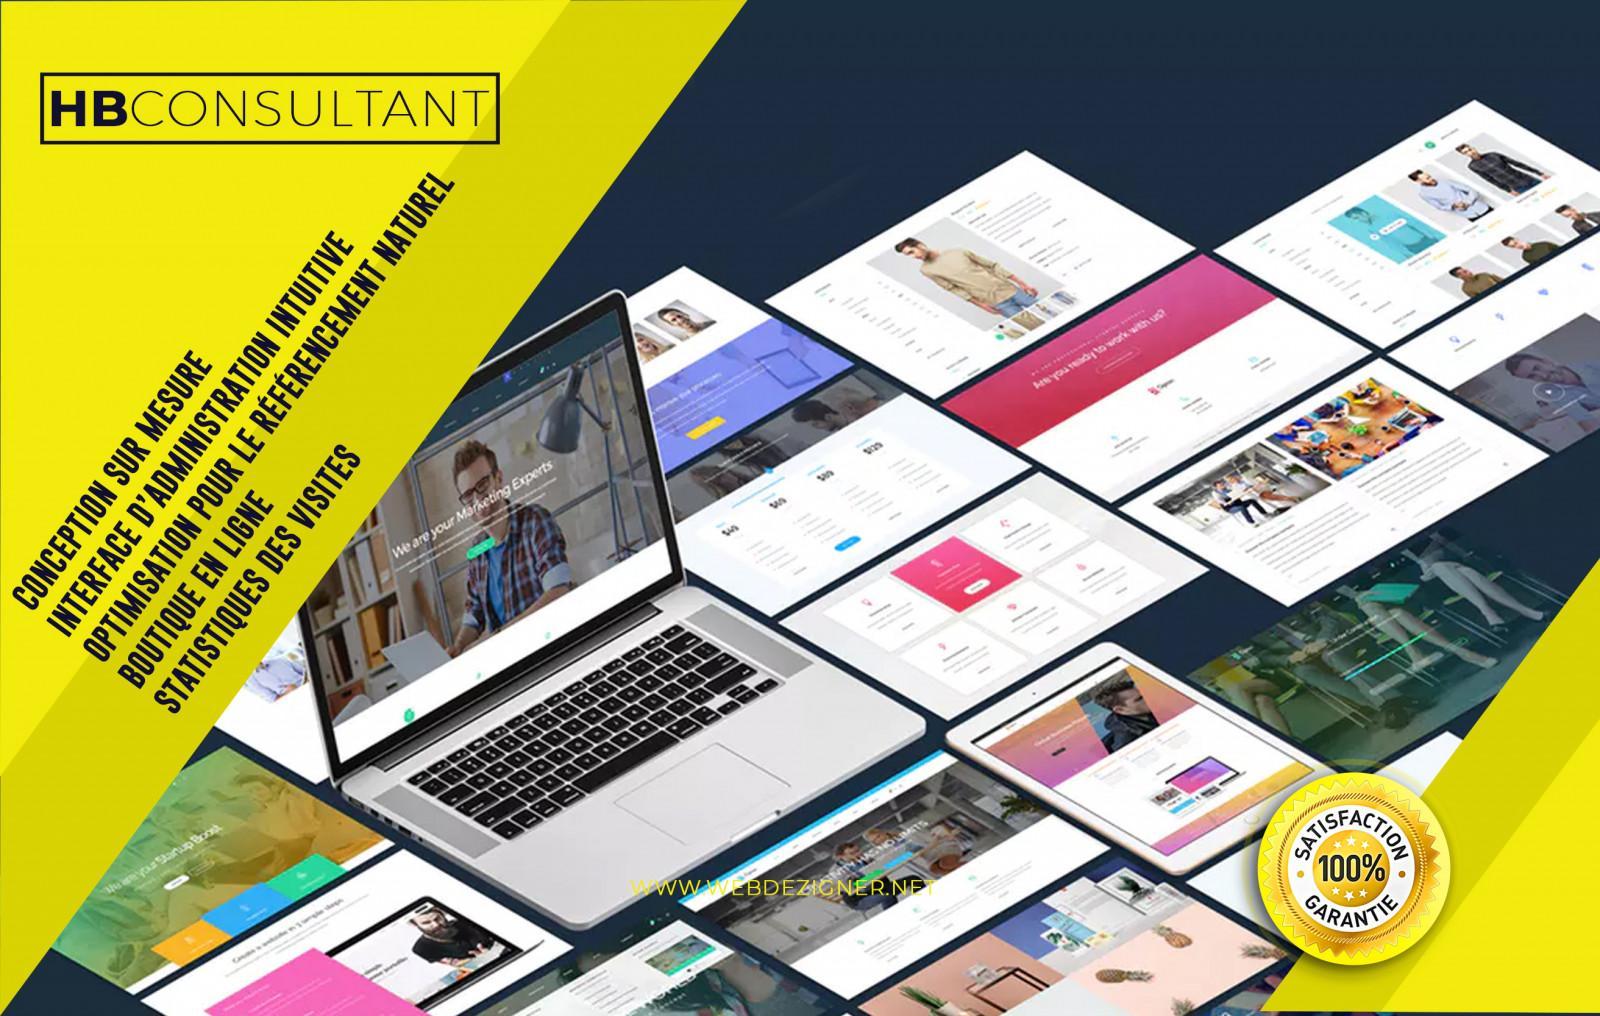 créer votre site Web professionnel clé en main : vitrine, e-commerce, sur  mesure